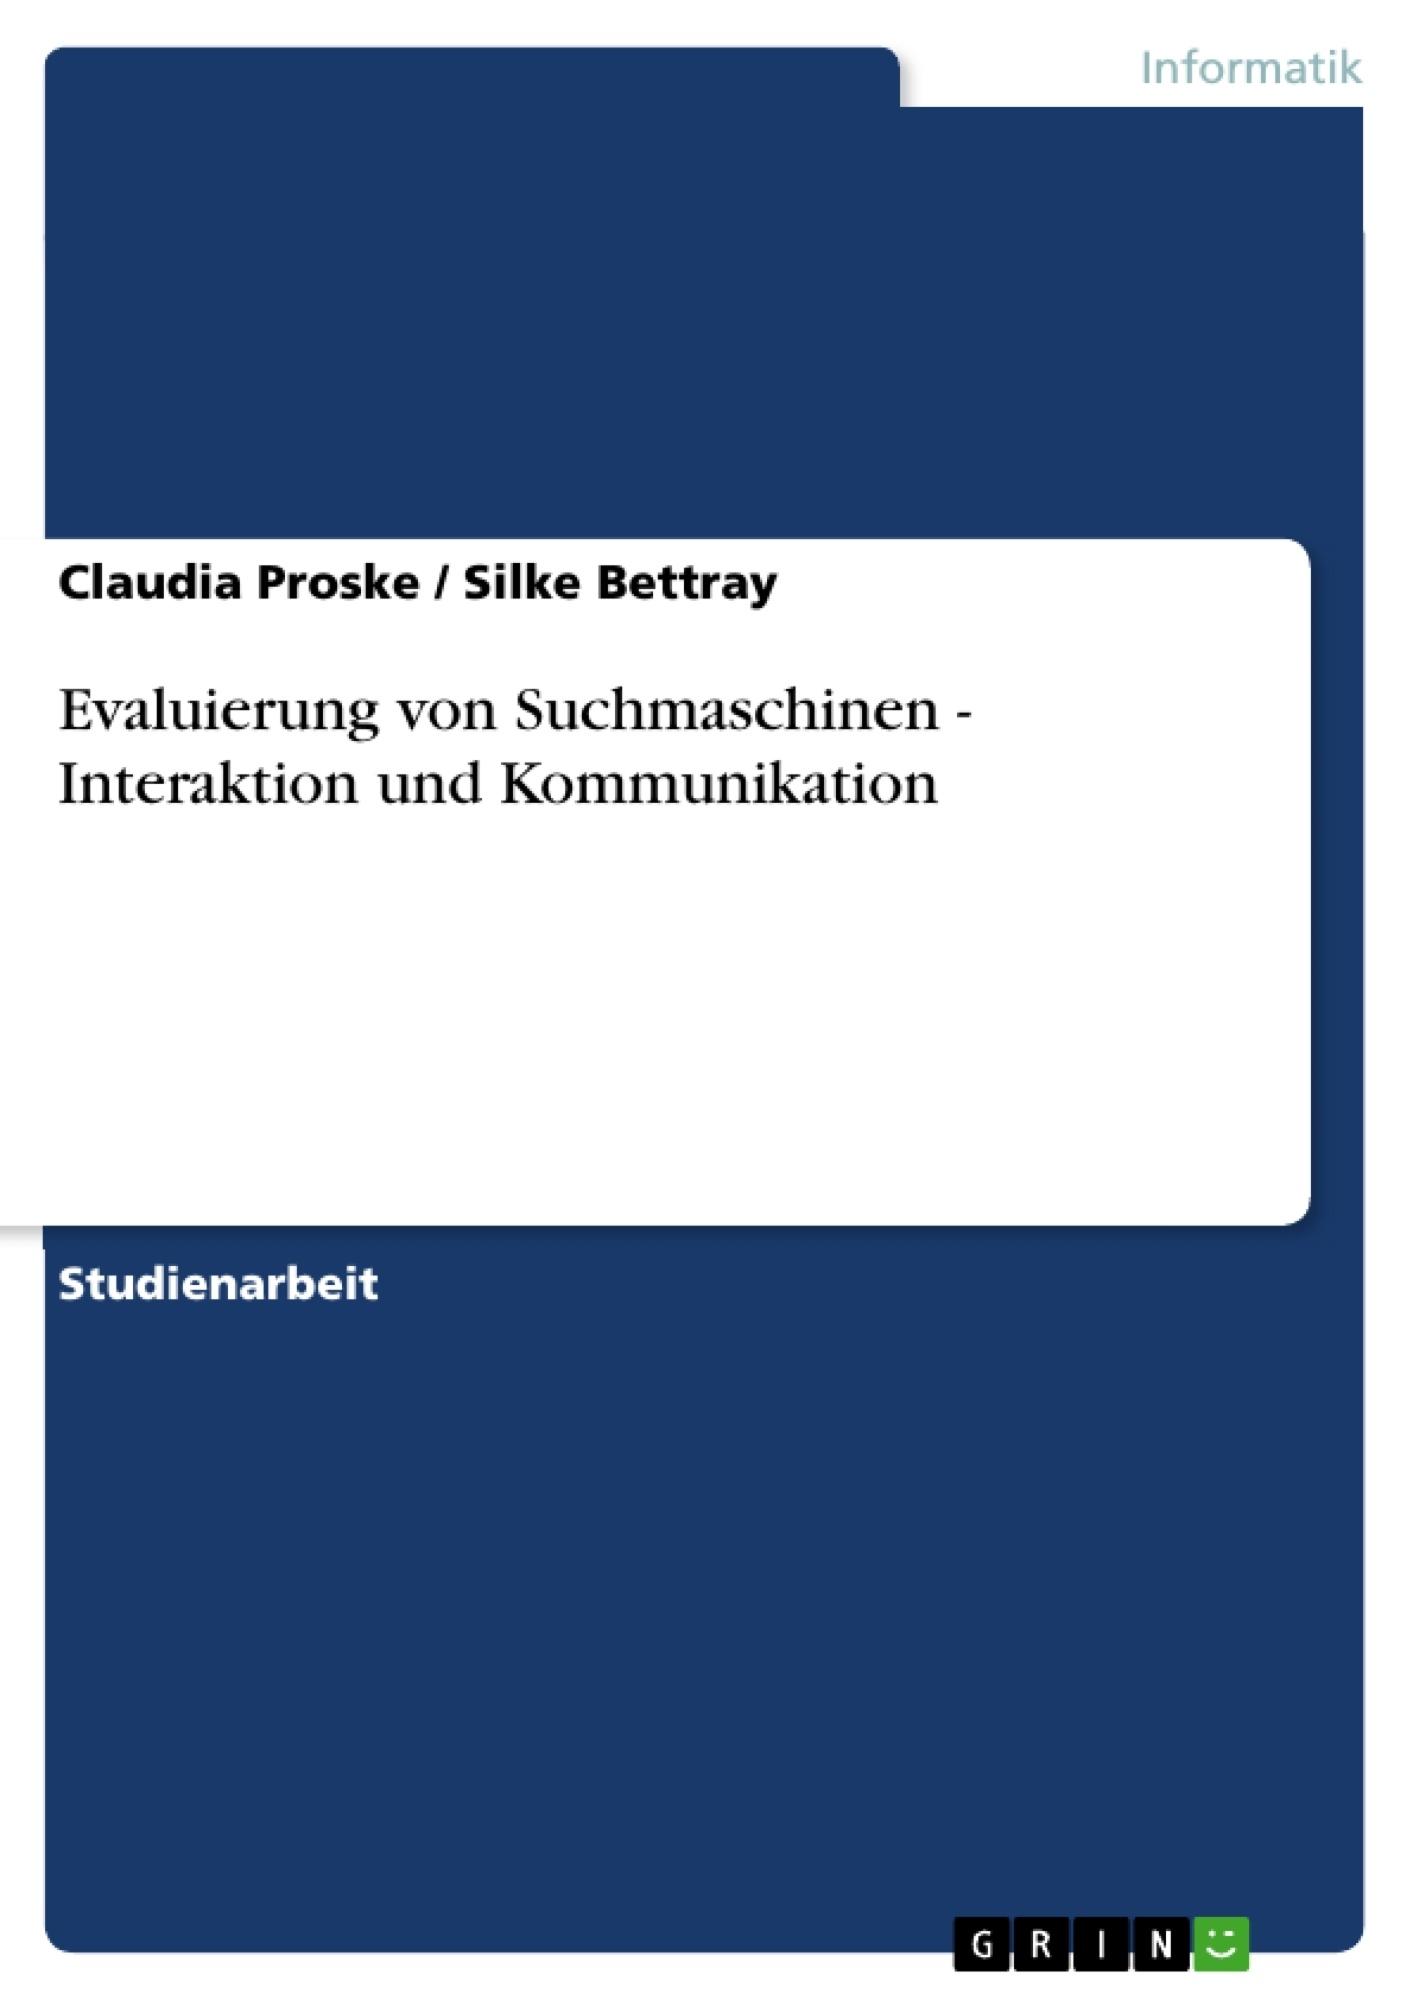 Titel: Evaluierung von Suchmaschinen - Interaktion und Kommunikation